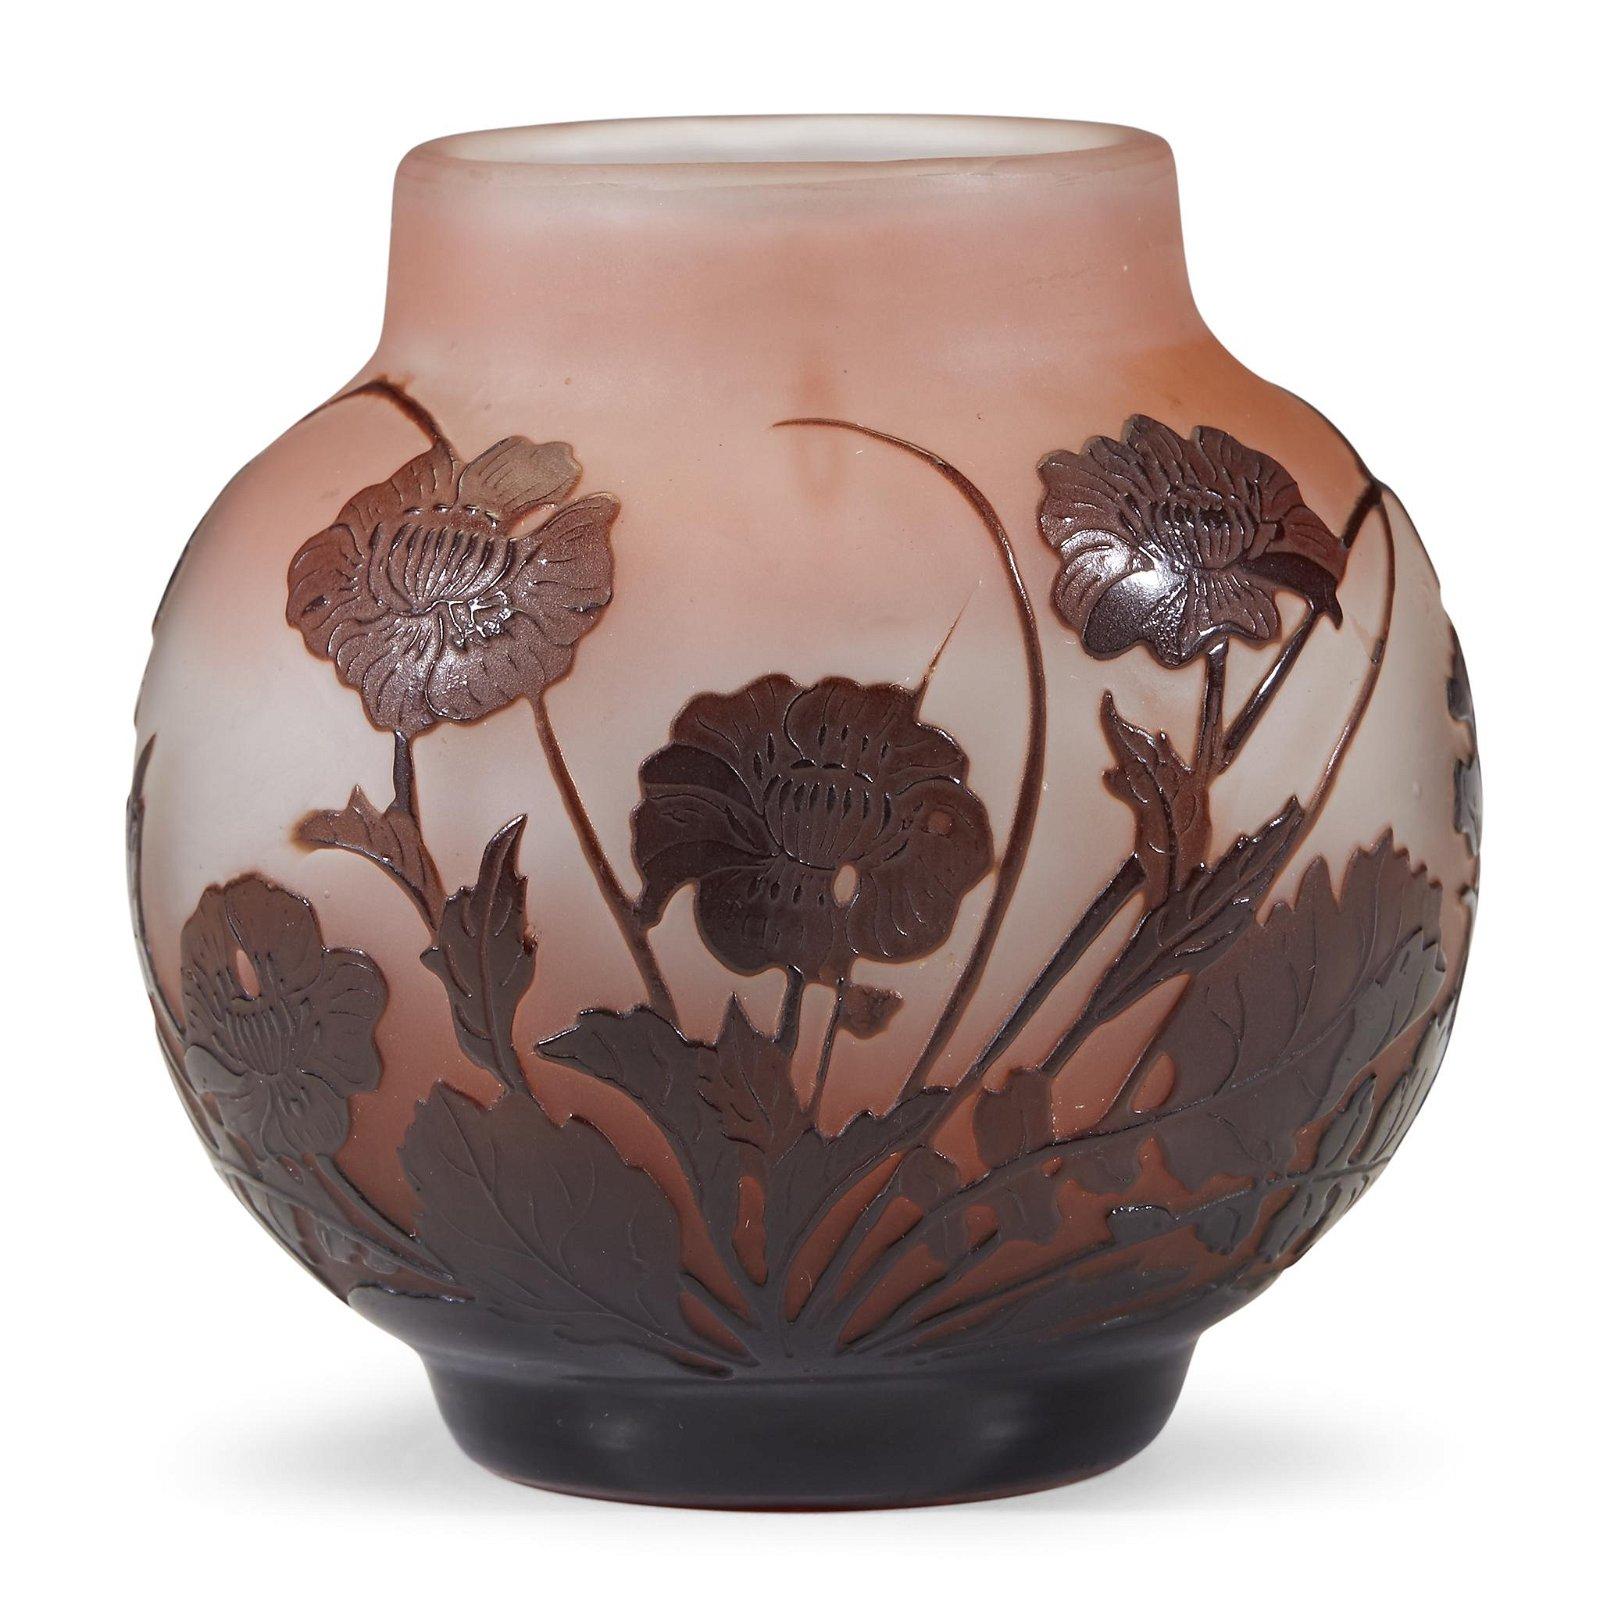 Émile Gallé (French, 1846-1904), A Floral Vase, France,